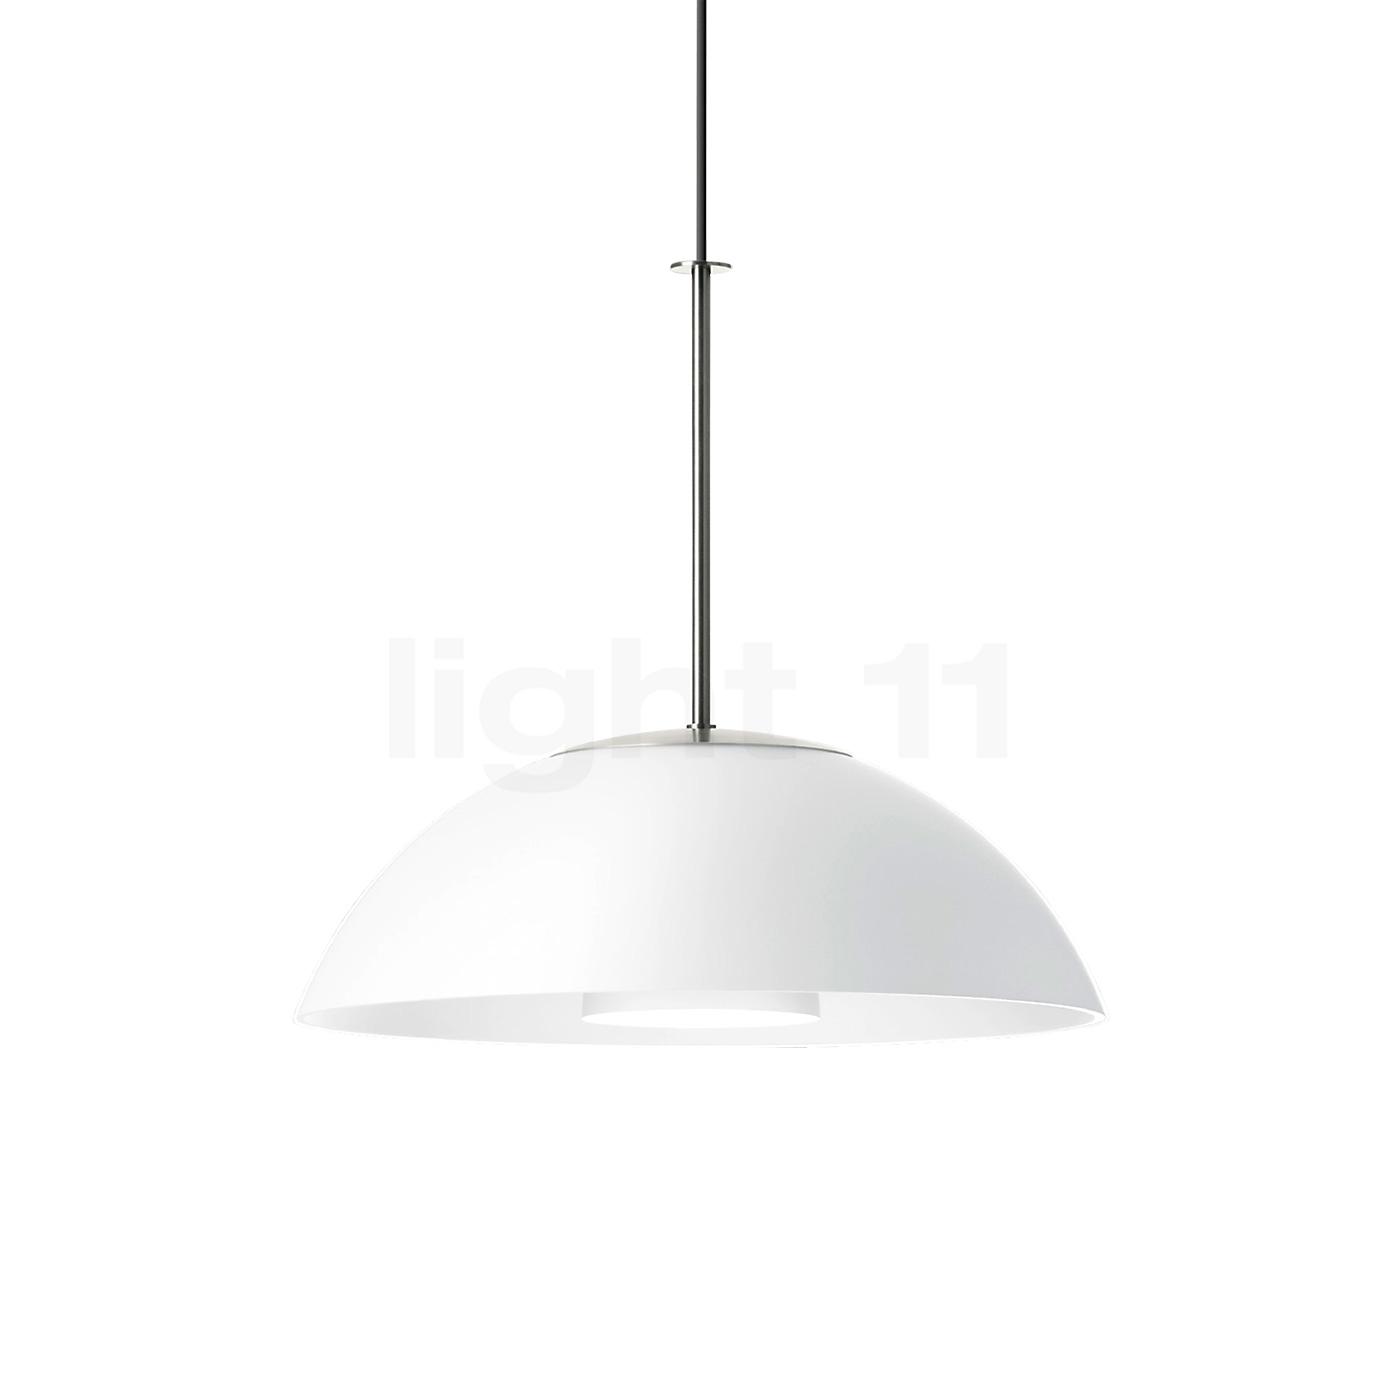 glash tte limburg 45976 2 45977 2 pendelleuchte halo. Black Bedroom Furniture Sets. Home Design Ideas